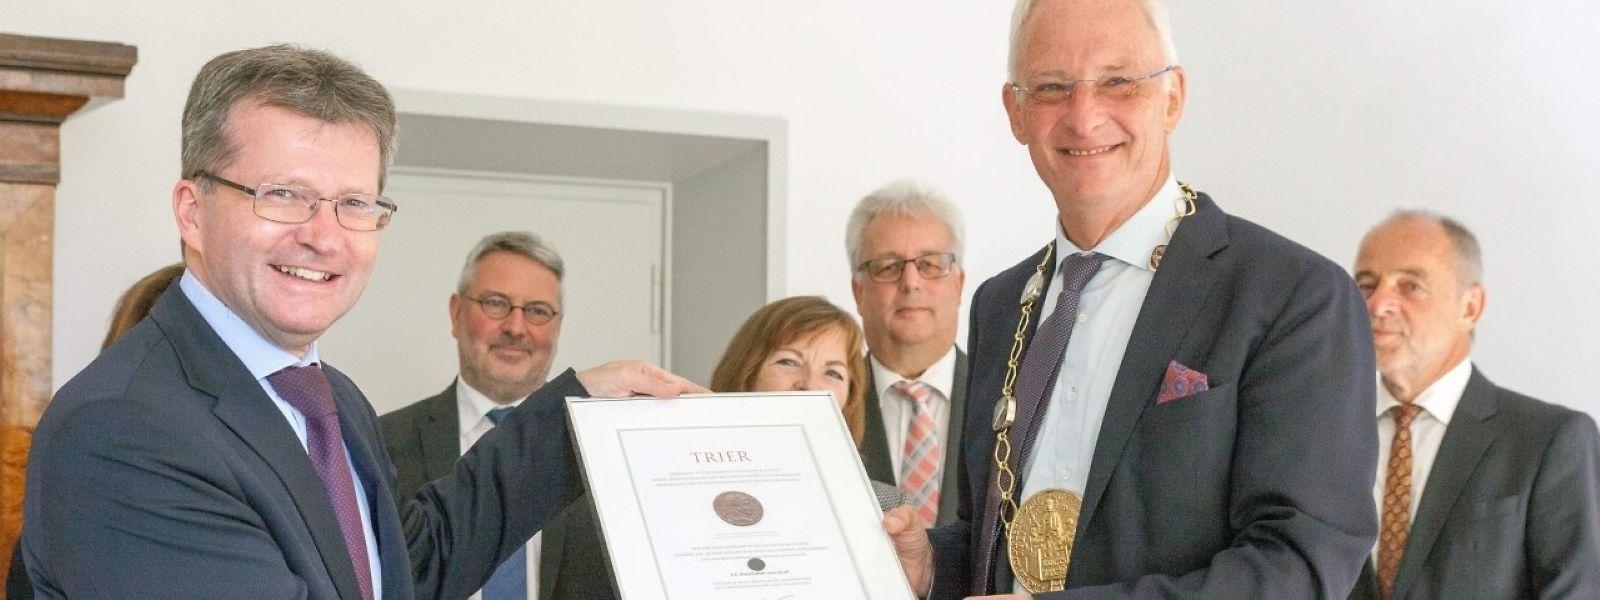 Der luxemburgische Botschafter Jean Graff (links) mit dem Oberbürgermeister der Stadt Trier (rechts).